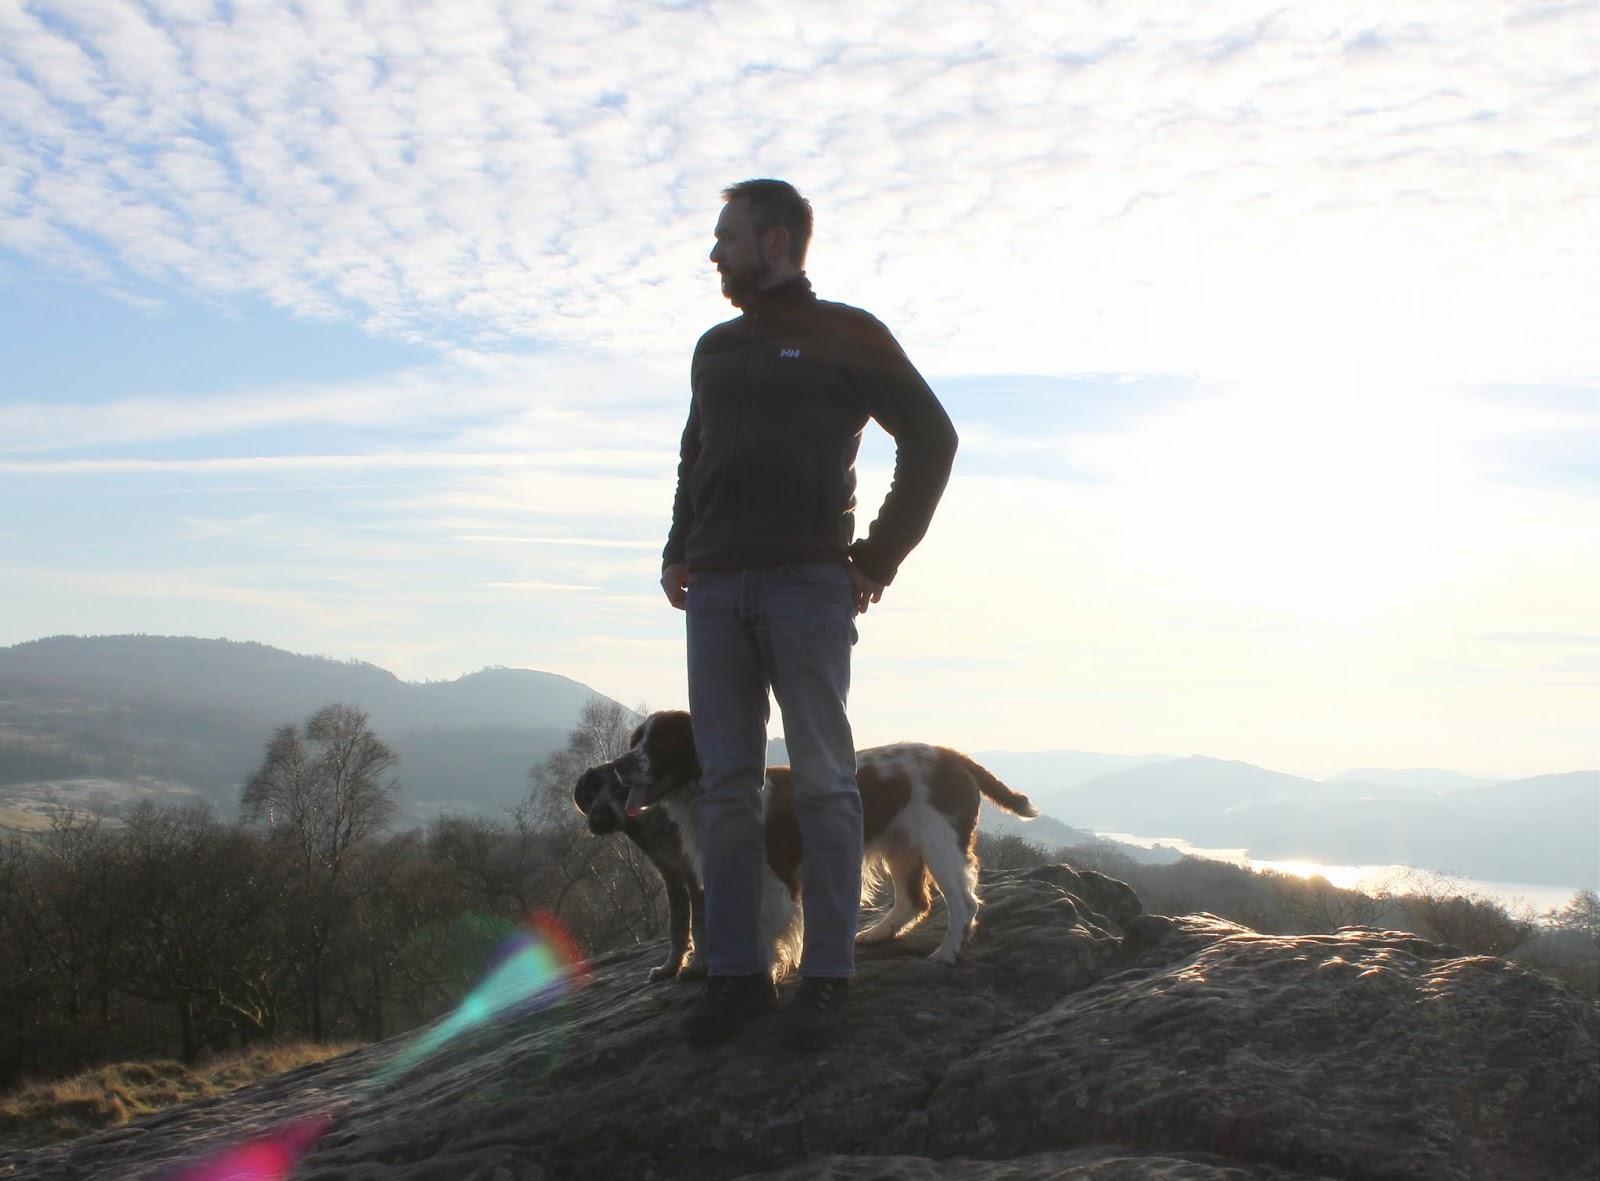 Russell Fralick - His Rock Climbing Memoir